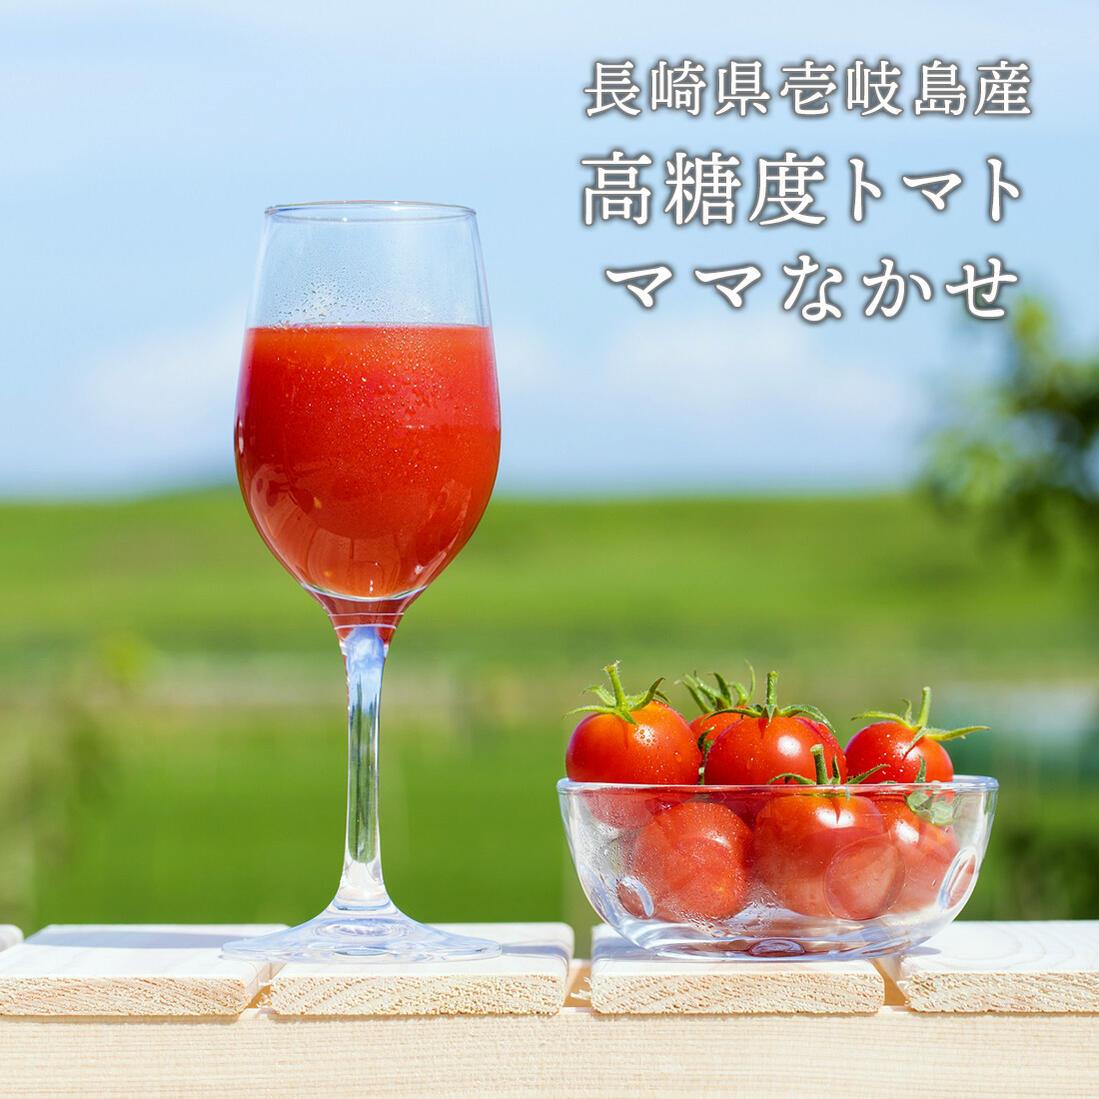 11 壱岐産トマトはジュースにしてもおいしい